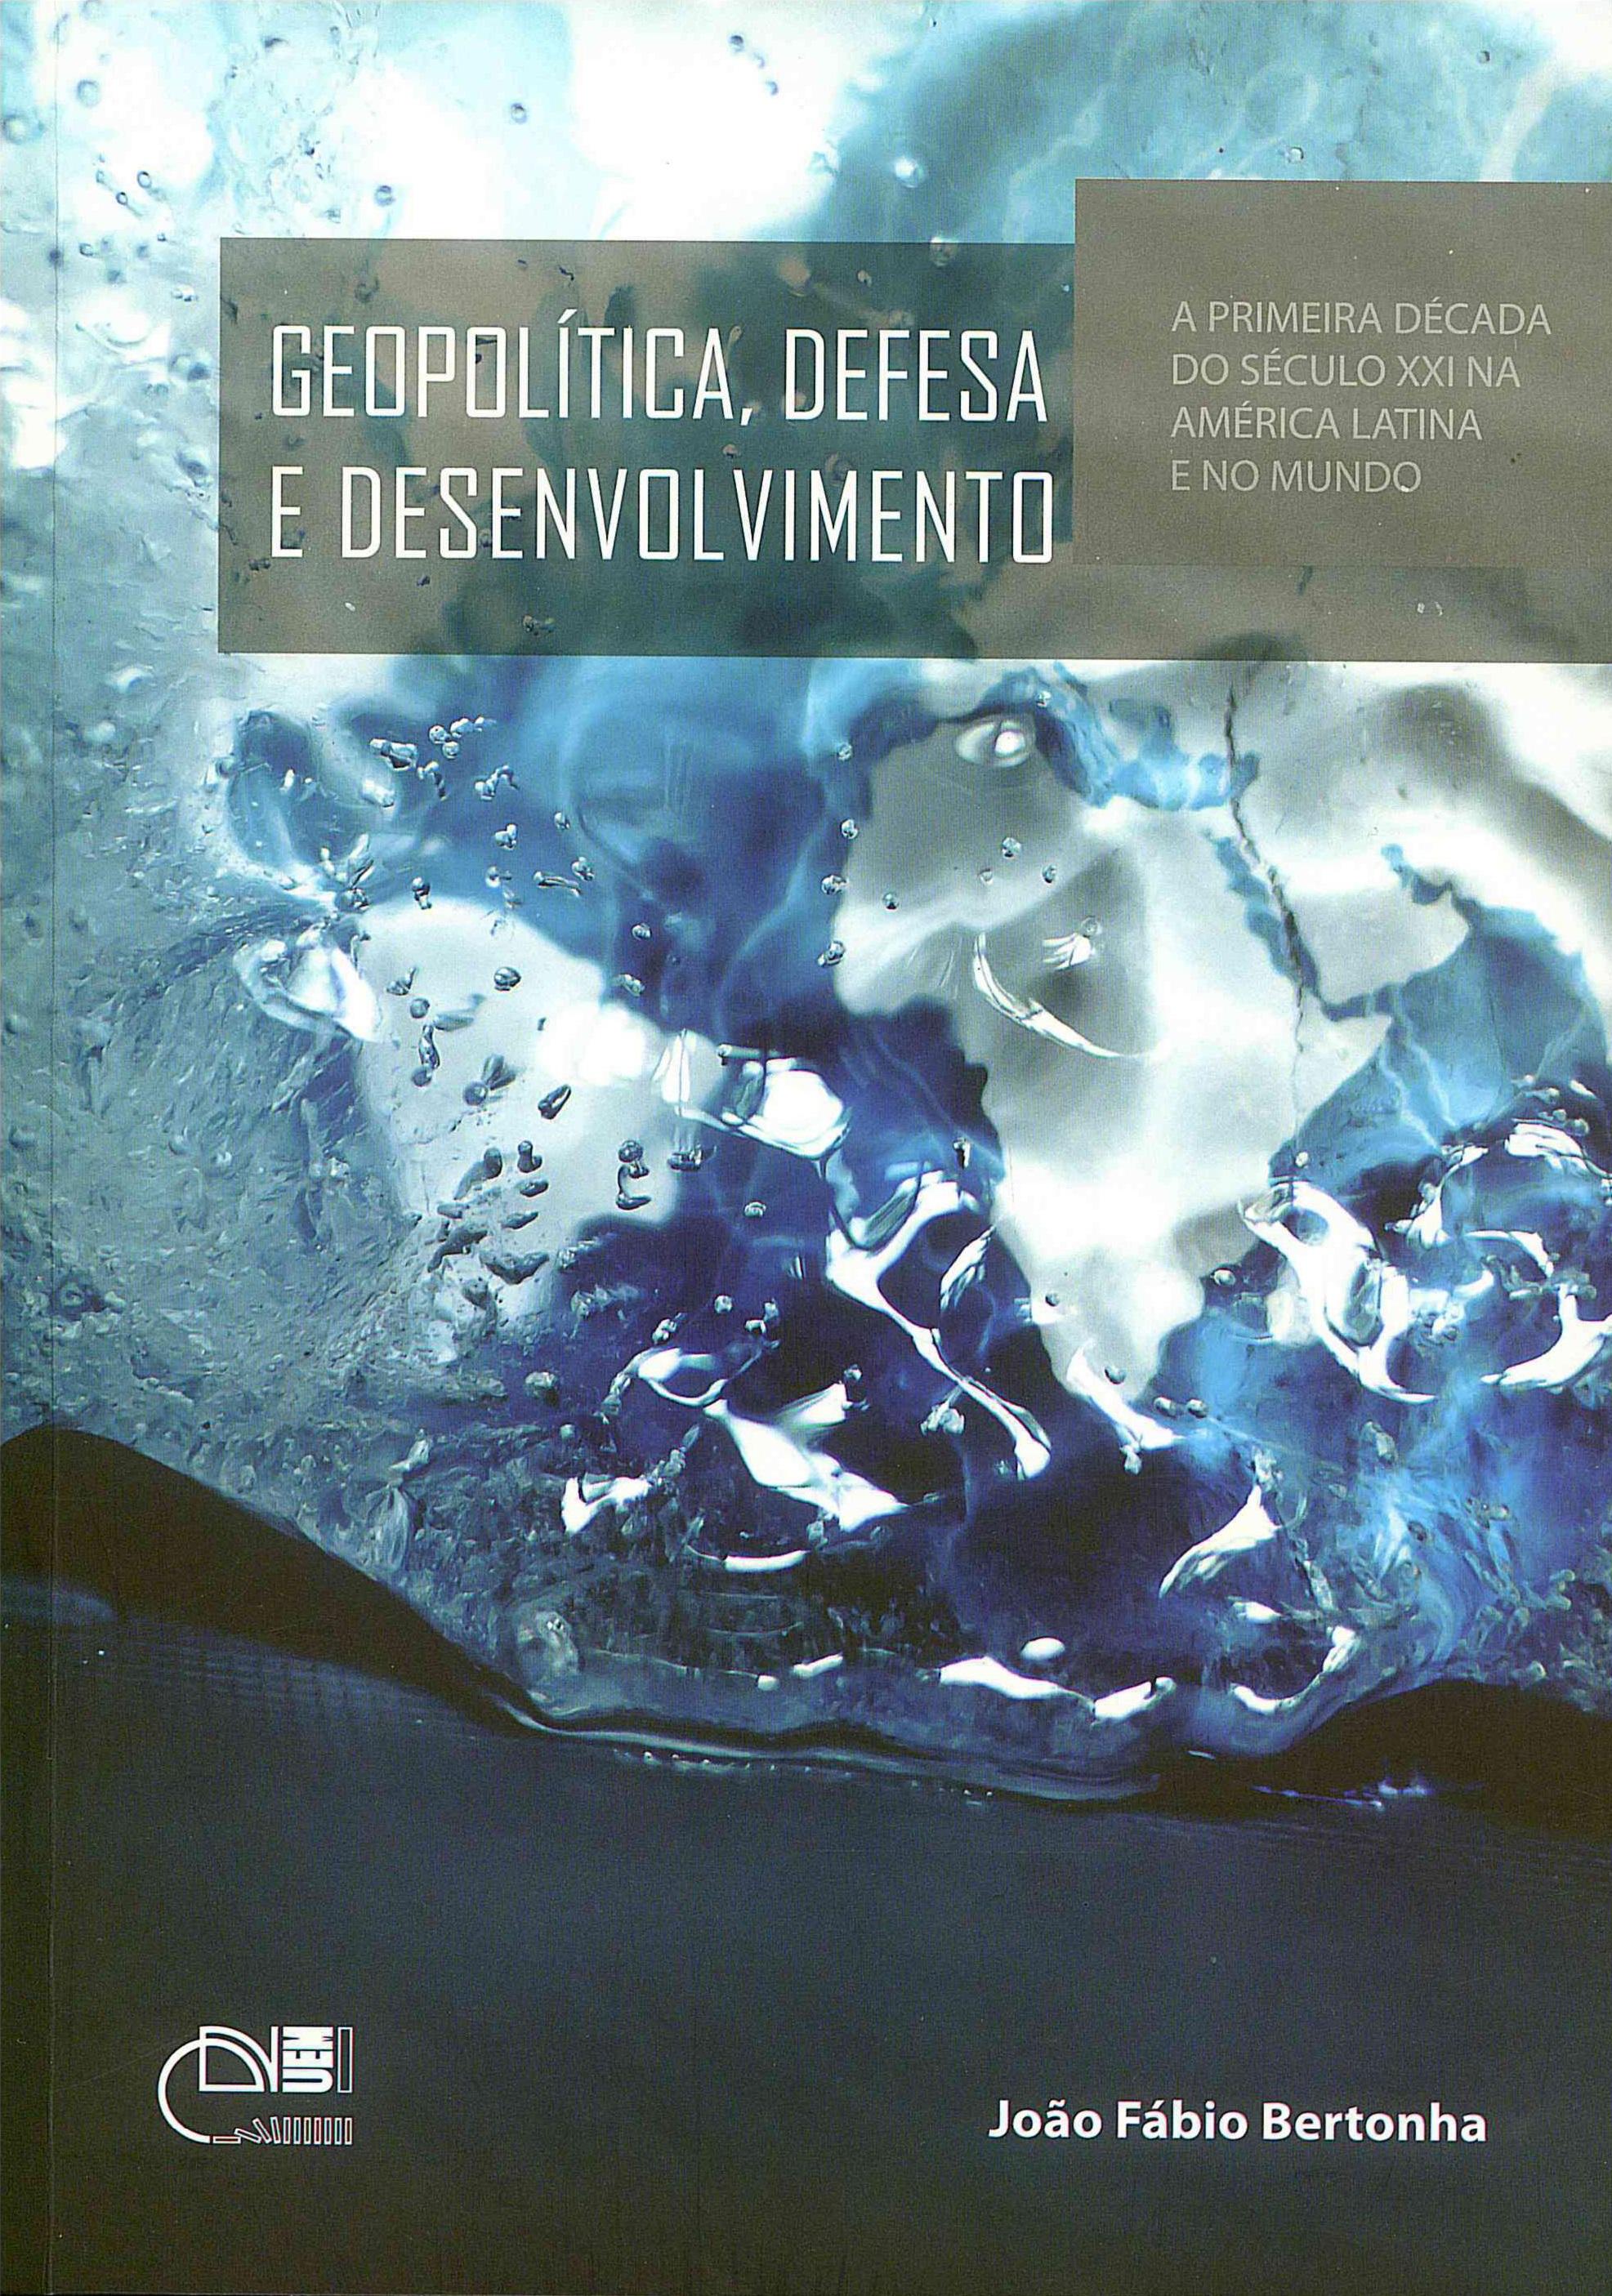 Geopolítica, defesa e desenvolvimento: a primeira década do século XXI na América Latina e no mundo